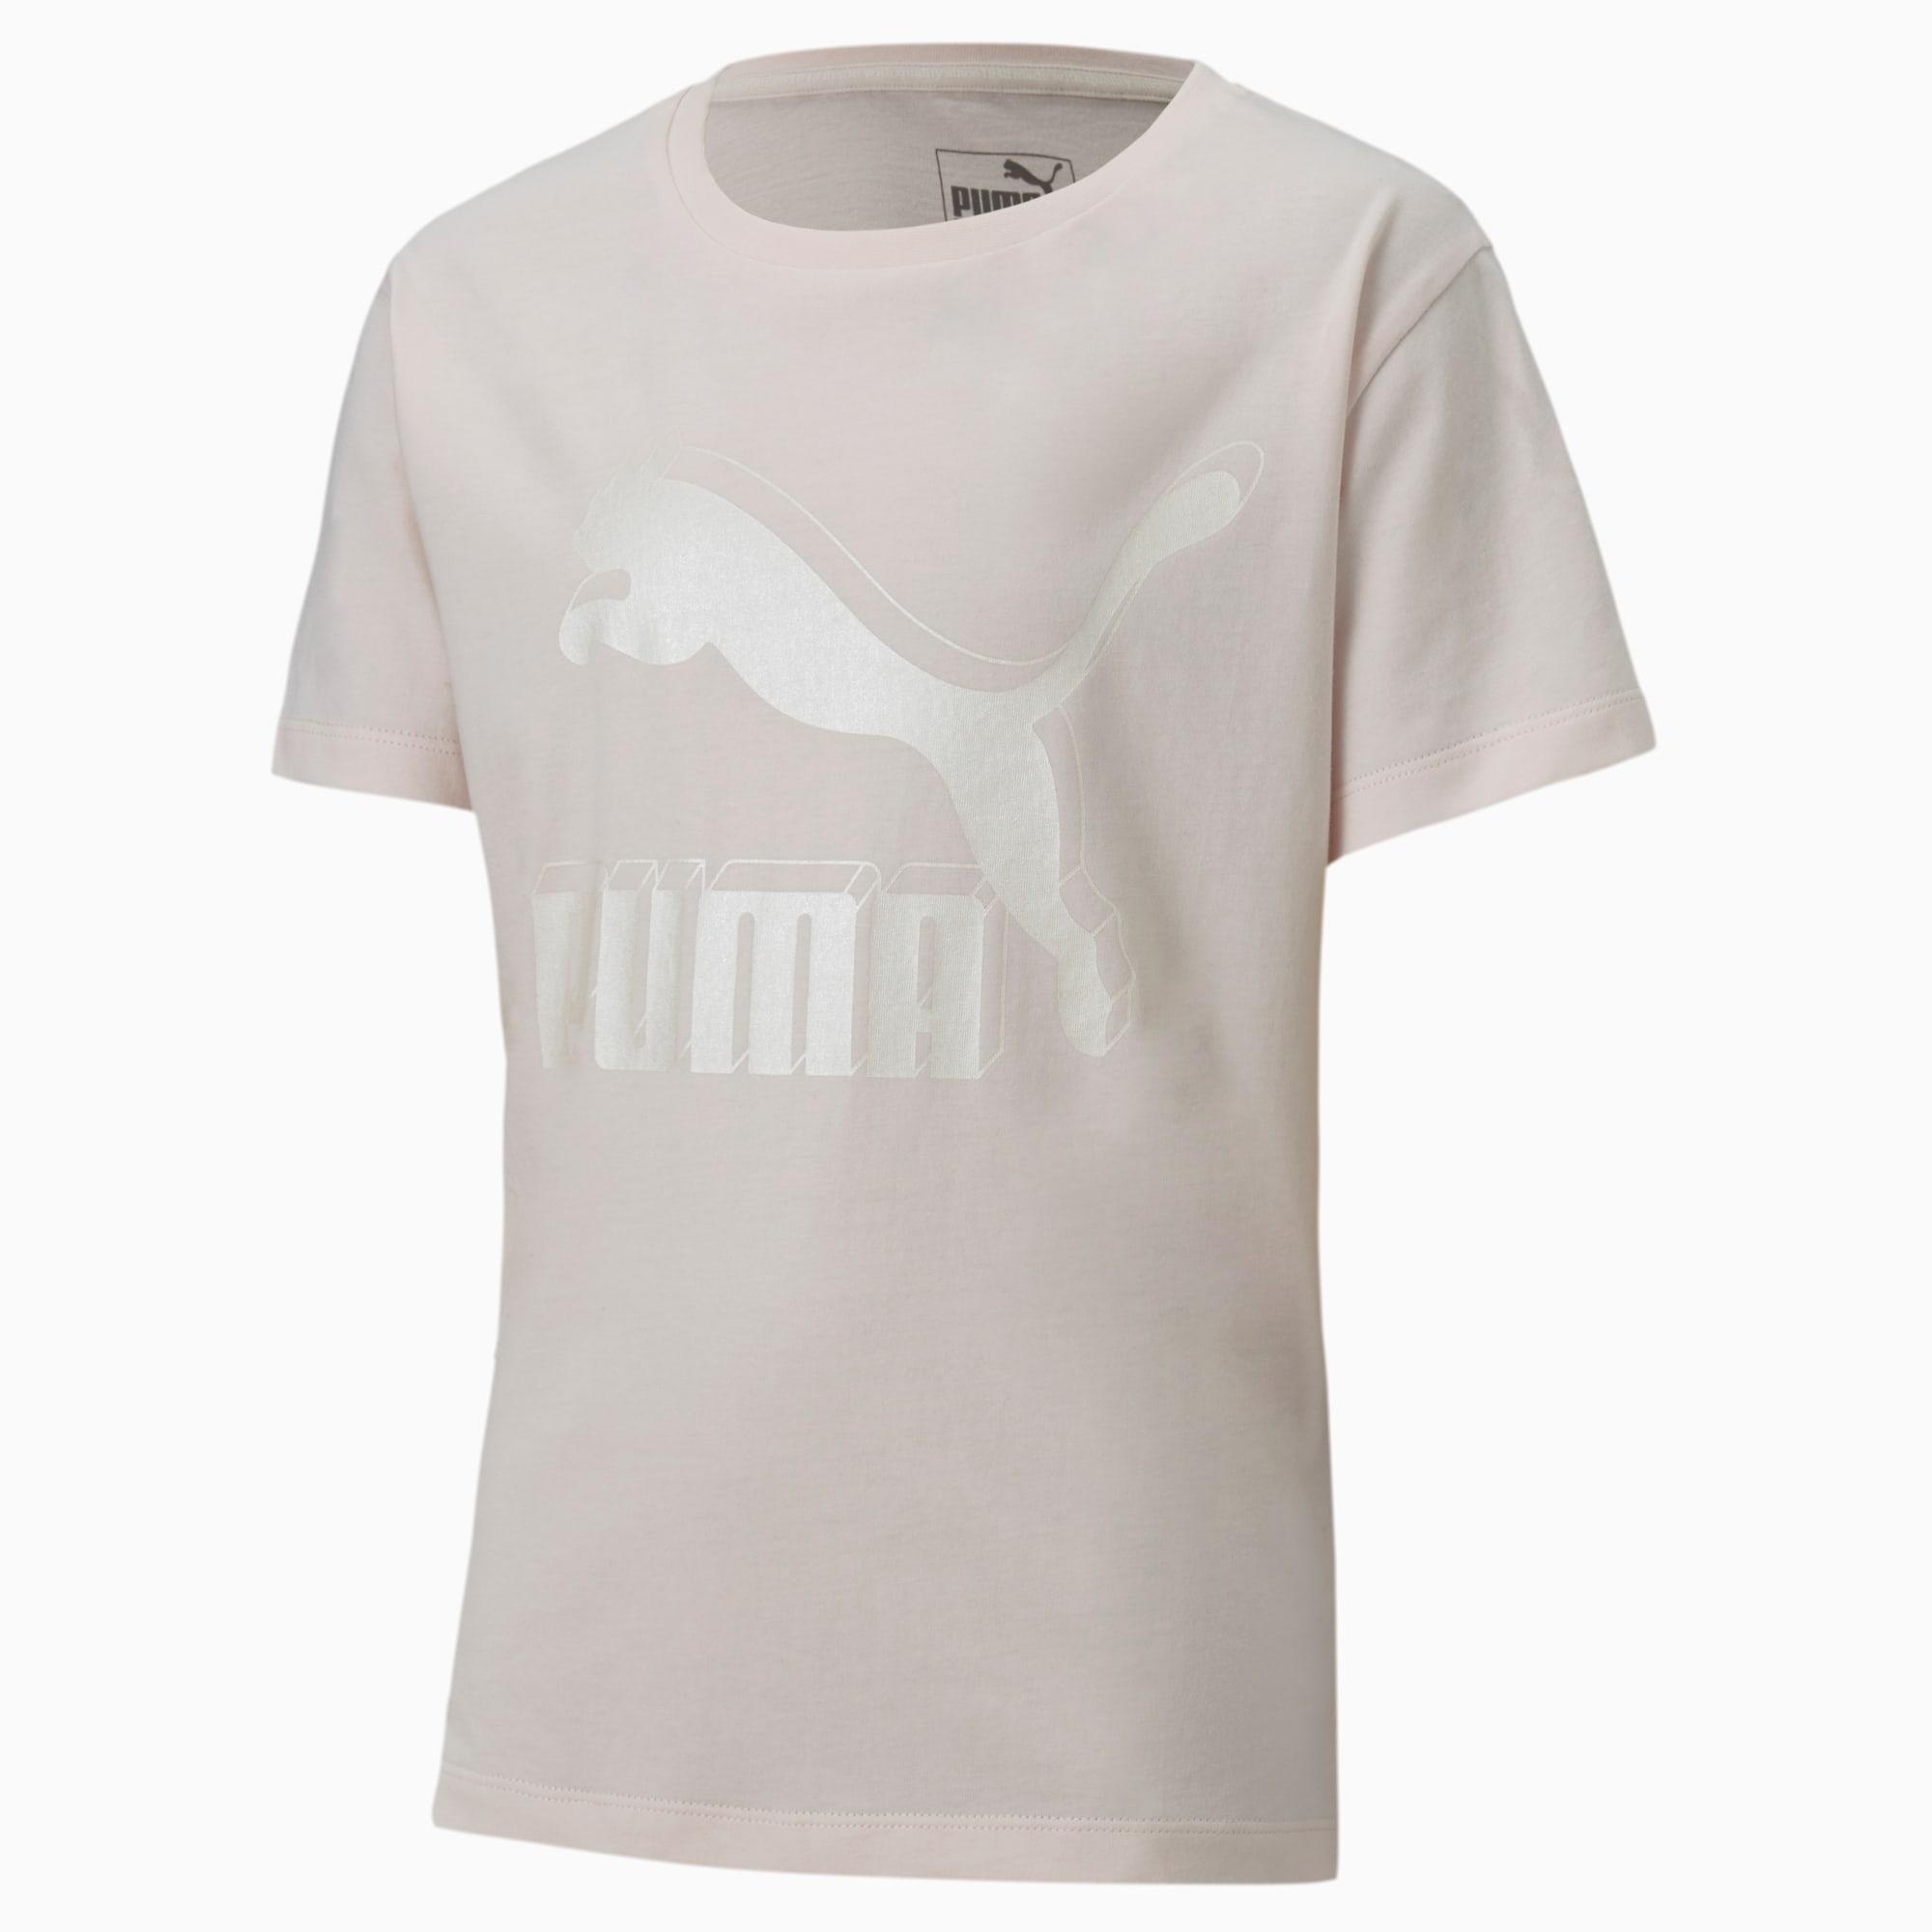 PUMA T-Shirt Classics Graphic pour fille, Rose, Taille 164, Vêtements